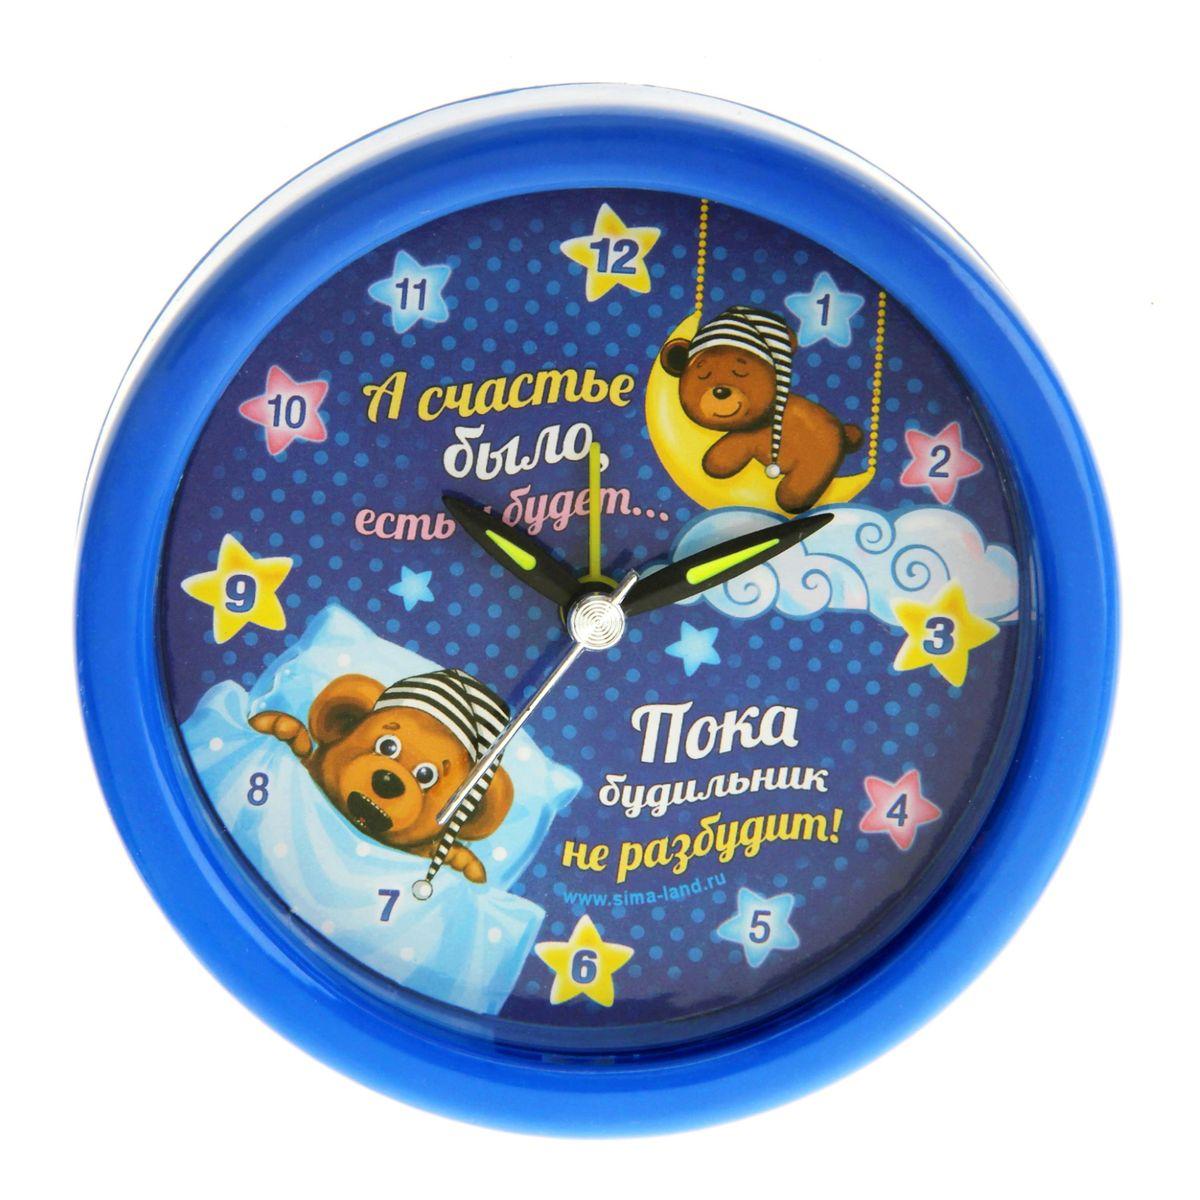 Часы-будильник Sima-land Счастье есть и будет843444Как же сложно иногда вставать вовремя! Всегда так хочется поспать еще хотя бы 5 минут и бывает, что мы просыпаем. Теперь этого не случится! Яркий, оригинальный будильник Sima-land Счастье есть и будет поможет вам всегда вставать в нужное время и успевать везде и всюду. Будильник украсит вашу комнату и приведет в восхищение друзей. Время показывает точно и будит в установленный час.На задней панели будильника расположены переключатель включения/выключения механизма, а также два колесика для настройки текущего времени и времени звонка будильника. Будильник работает от 1 батарейки типа AA напряжением 1,5V (не входит в комплект).